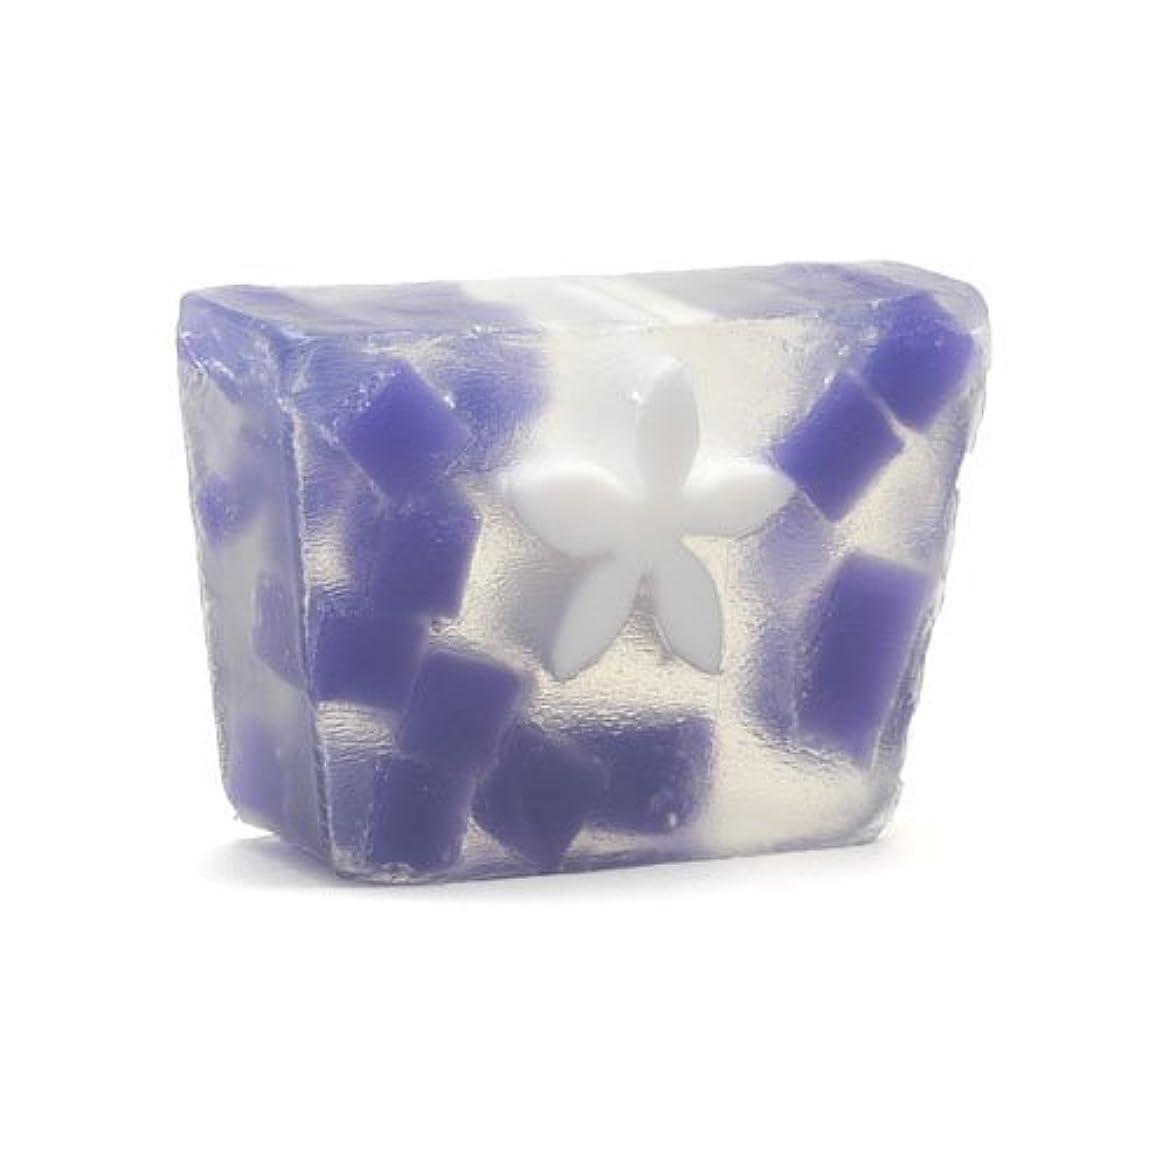 果てしないスカーフ分解するプライモールエレメンツ アロマティック ミニソープ ピカキ 80g 植物性 ナチュラル 石鹸 無添加